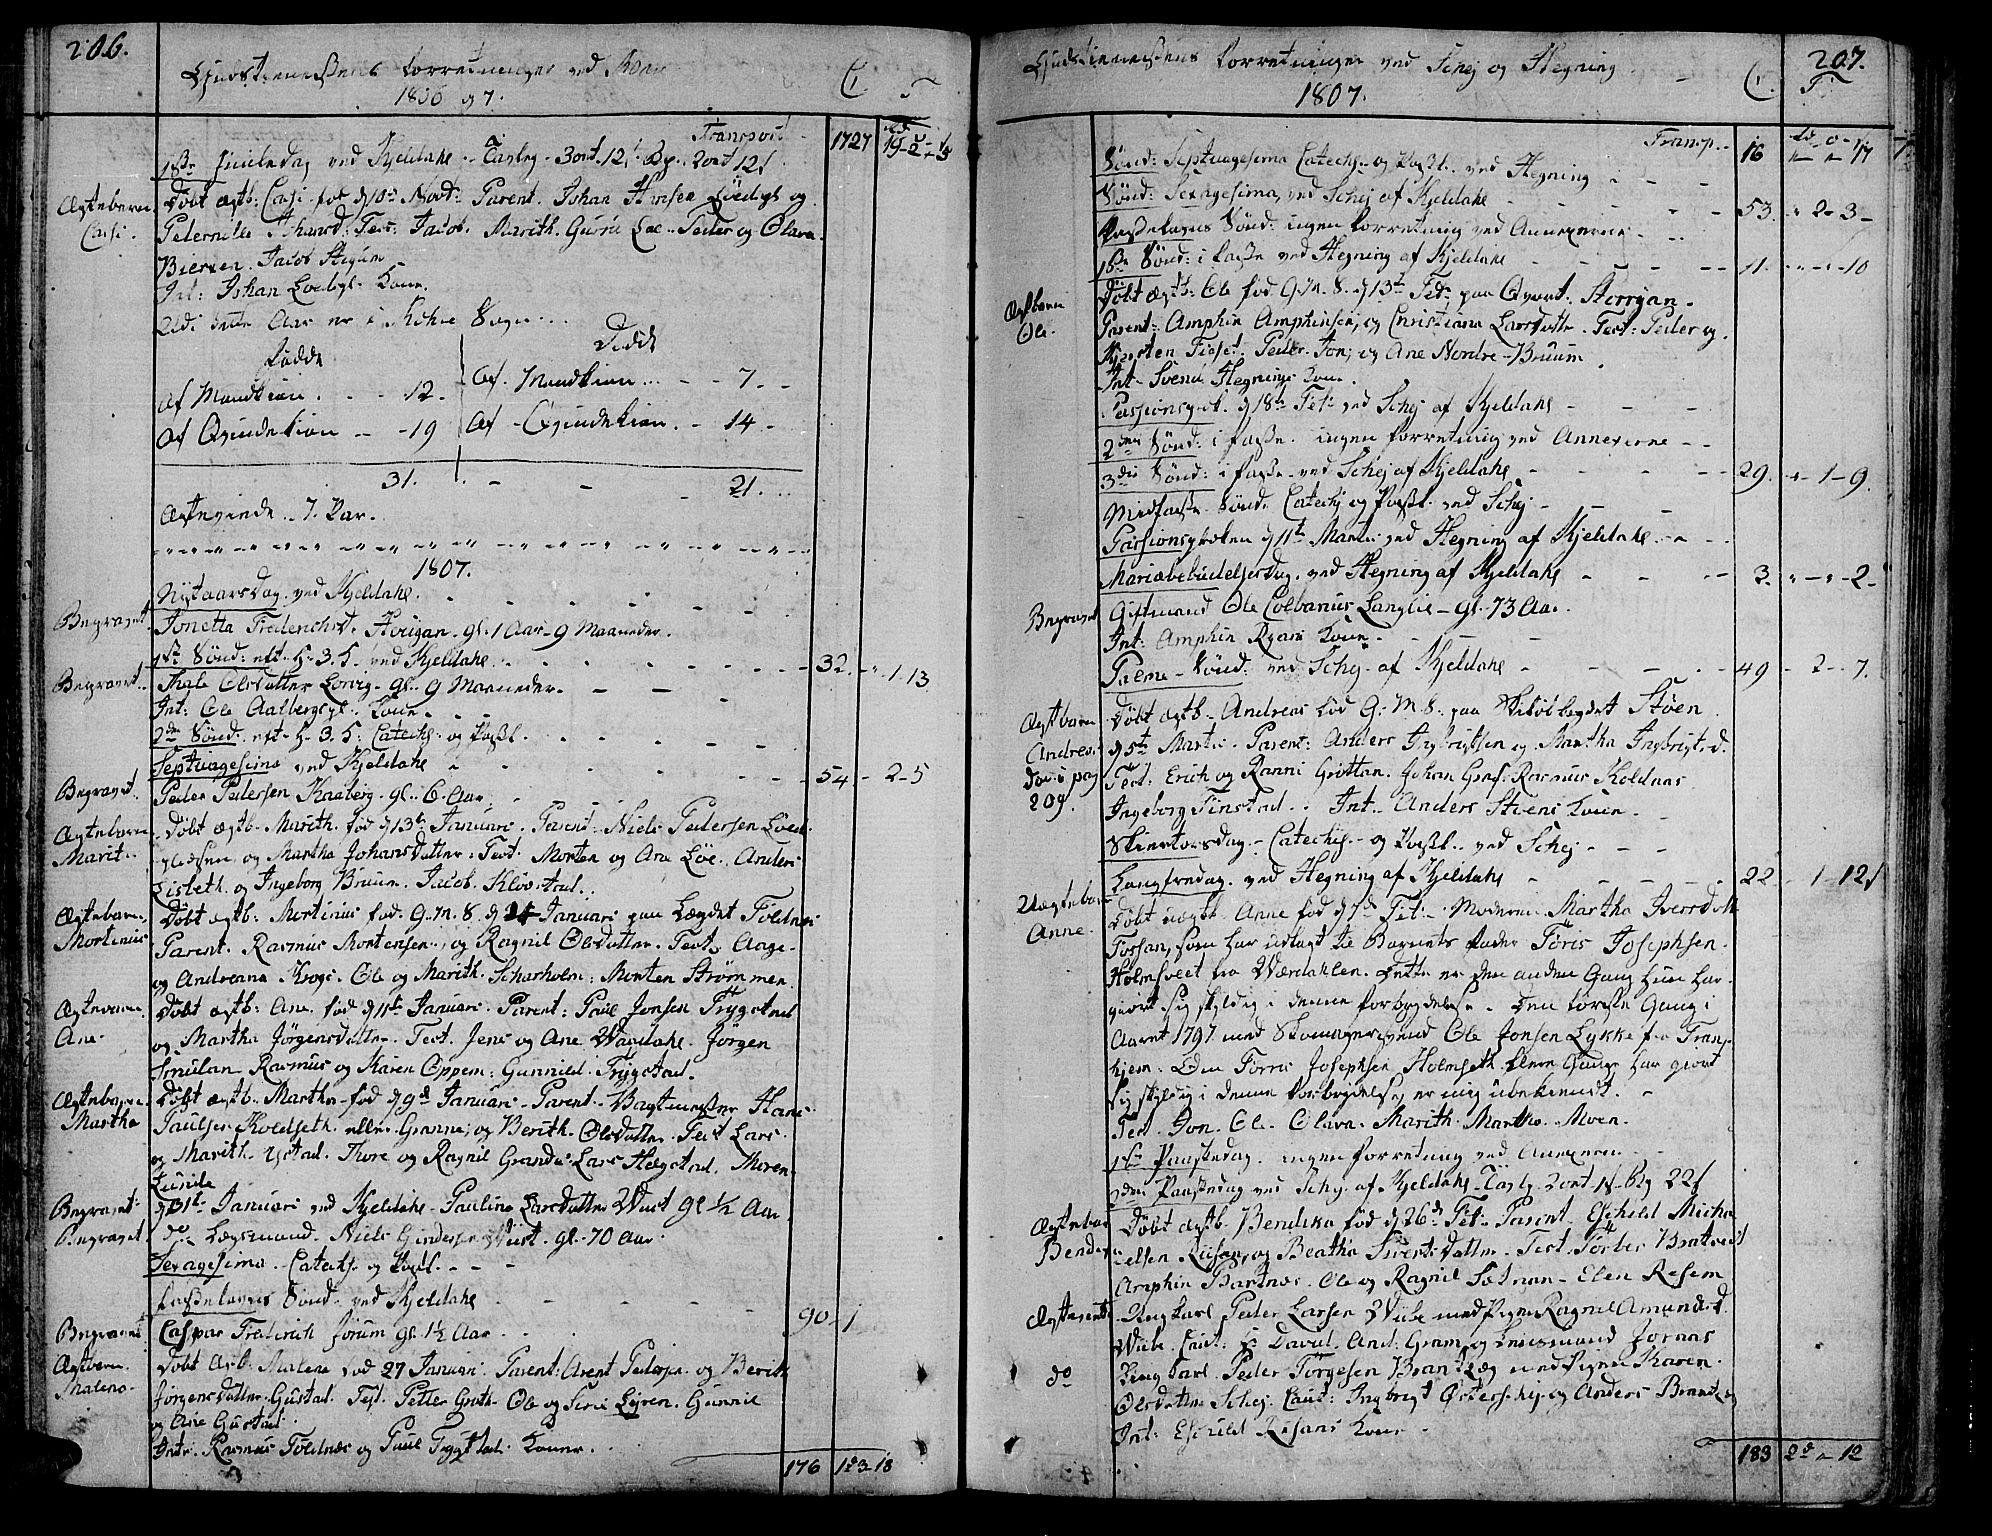 SAT, Ministerialprotokoller, klokkerbøker og fødselsregistre - Nord-Trøndelag, 735/L0332: Ministerialbok nr. 735A03, 1795-1816, s. 206-207